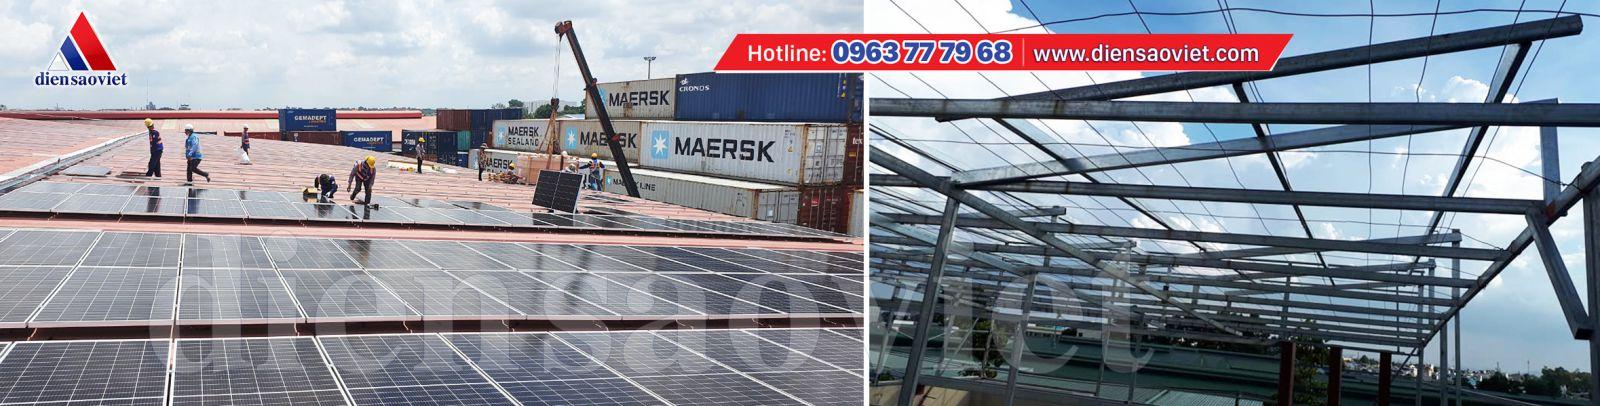 Hệ thống điện mặt trời áp mái và Hệ thống điện mặt trời làm giàn khung dưới mặt đất - công ty Điện sao Việt thi công